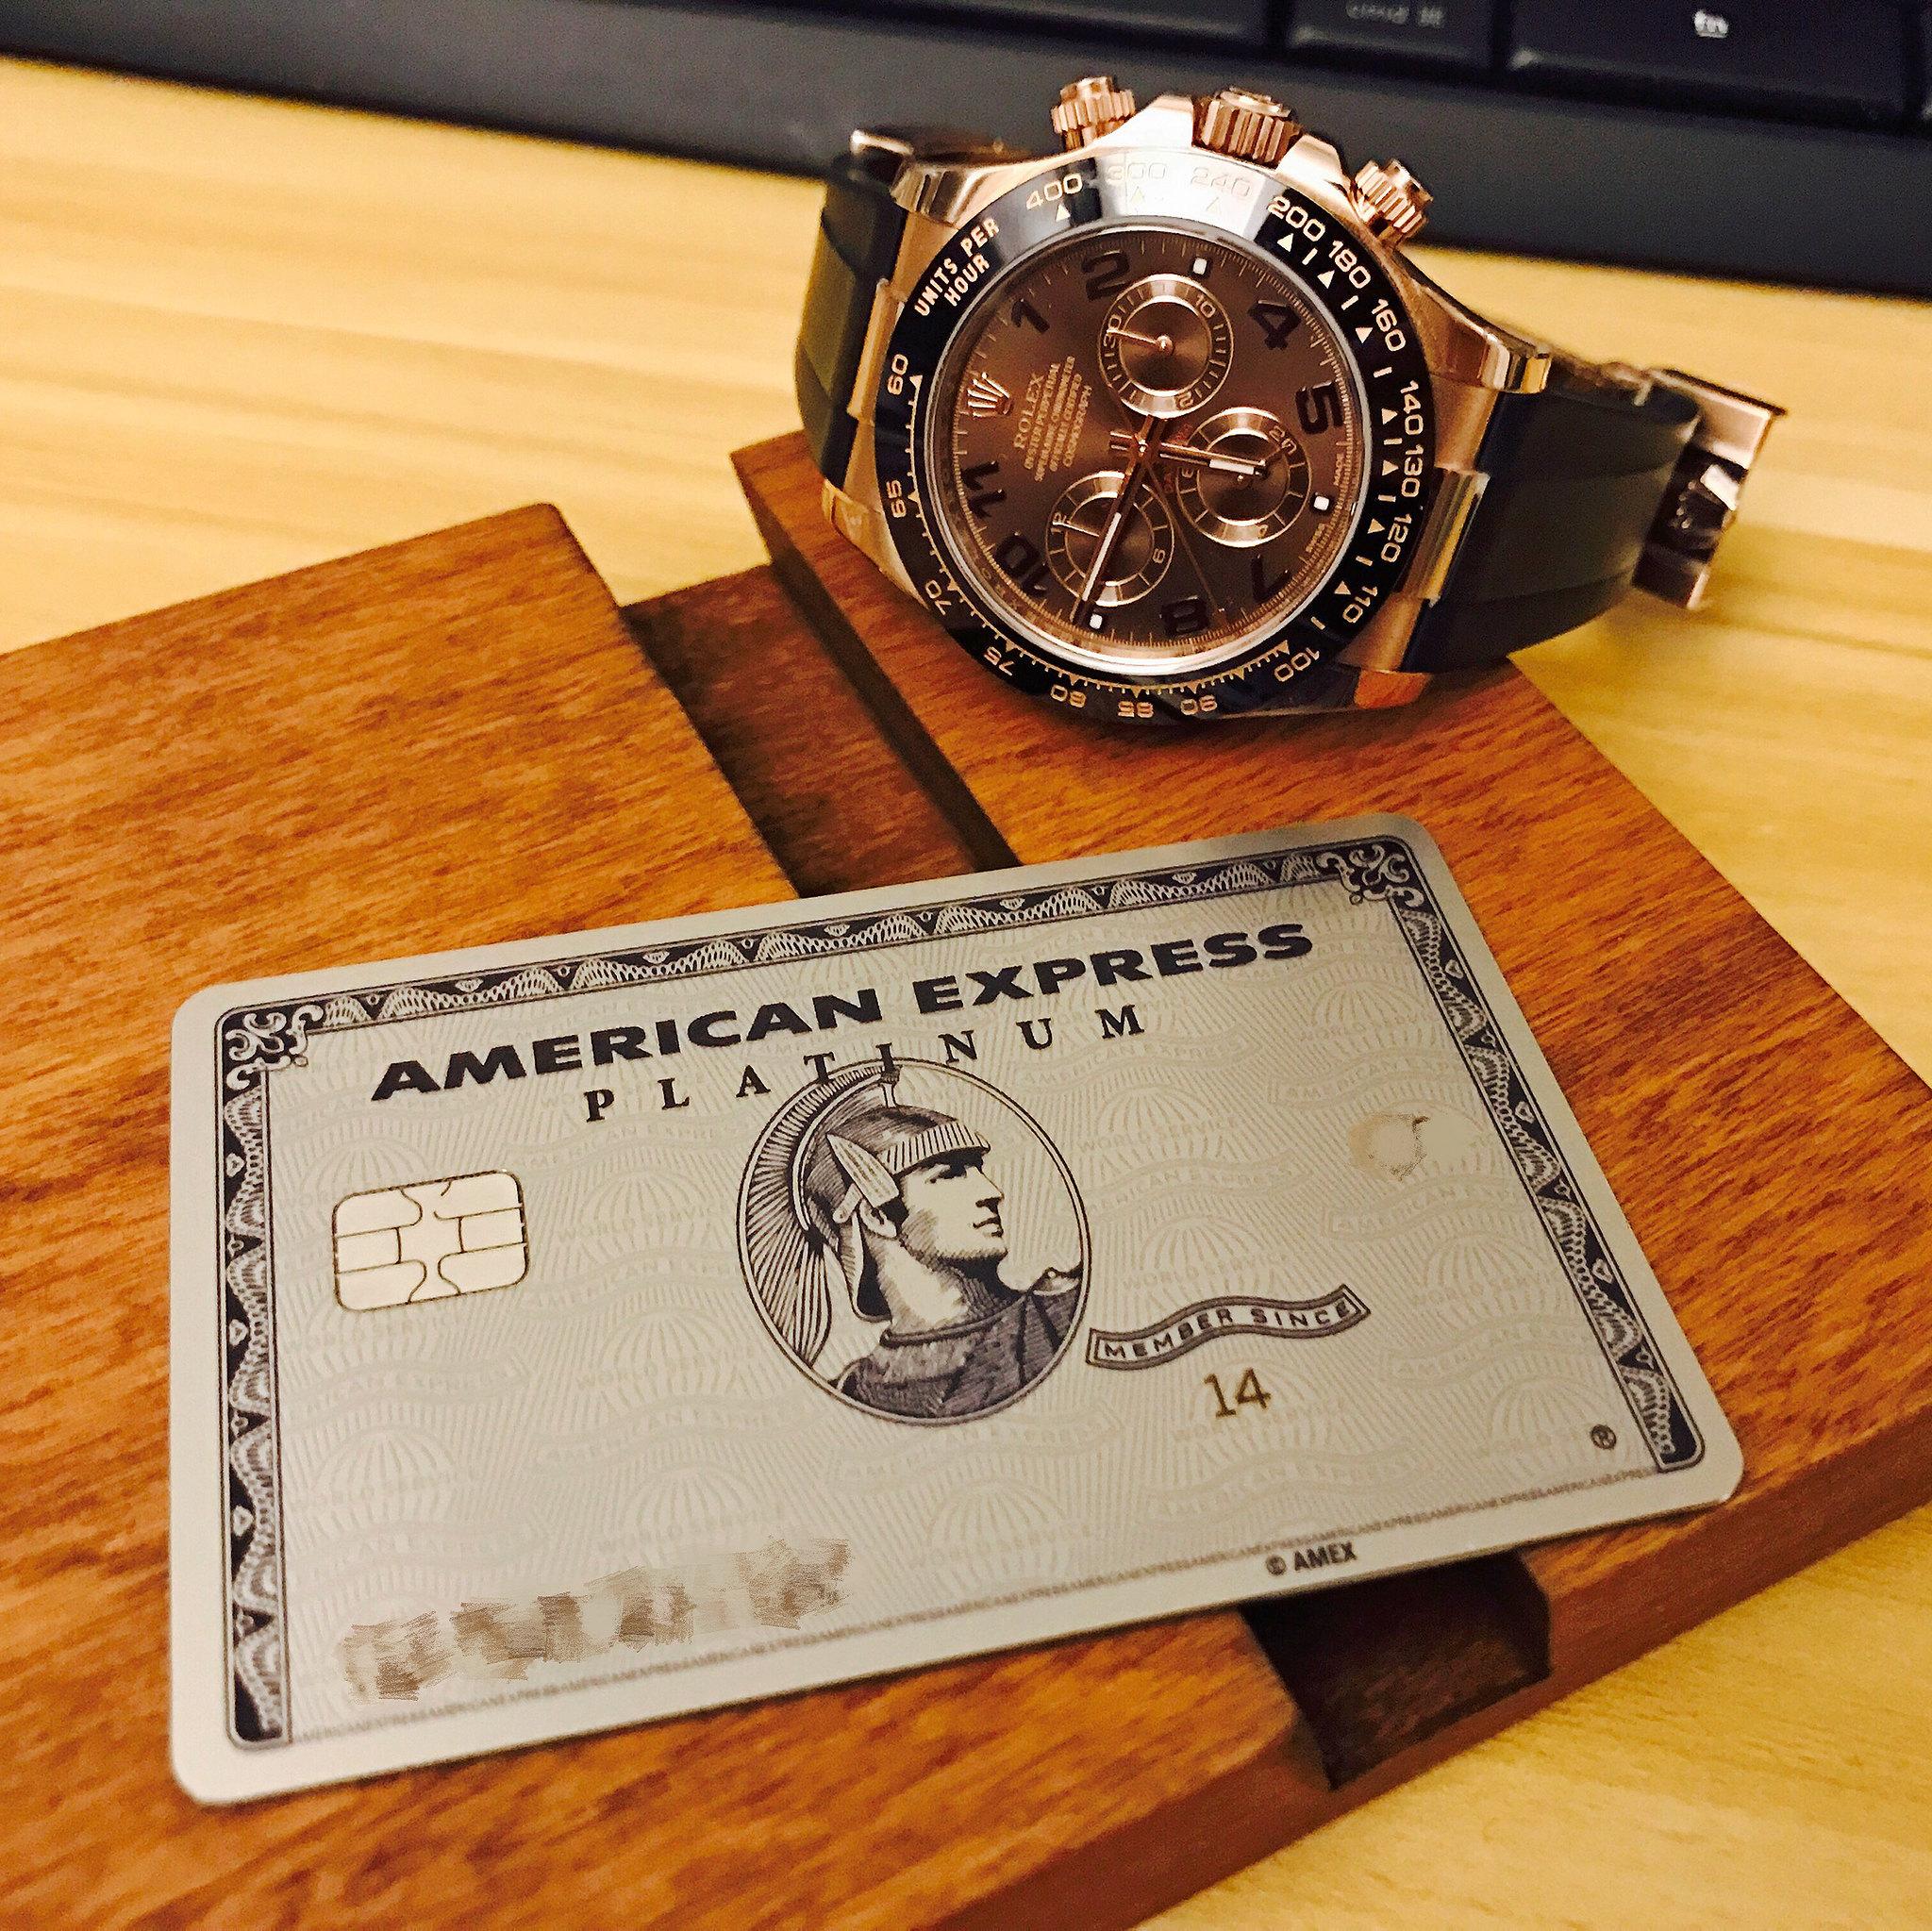 【心得】 美版美國運通簽帳白金卡(金屬卡) 核卡 - 信用卡板 - WEB批踢踢。[工作年資] 7[年